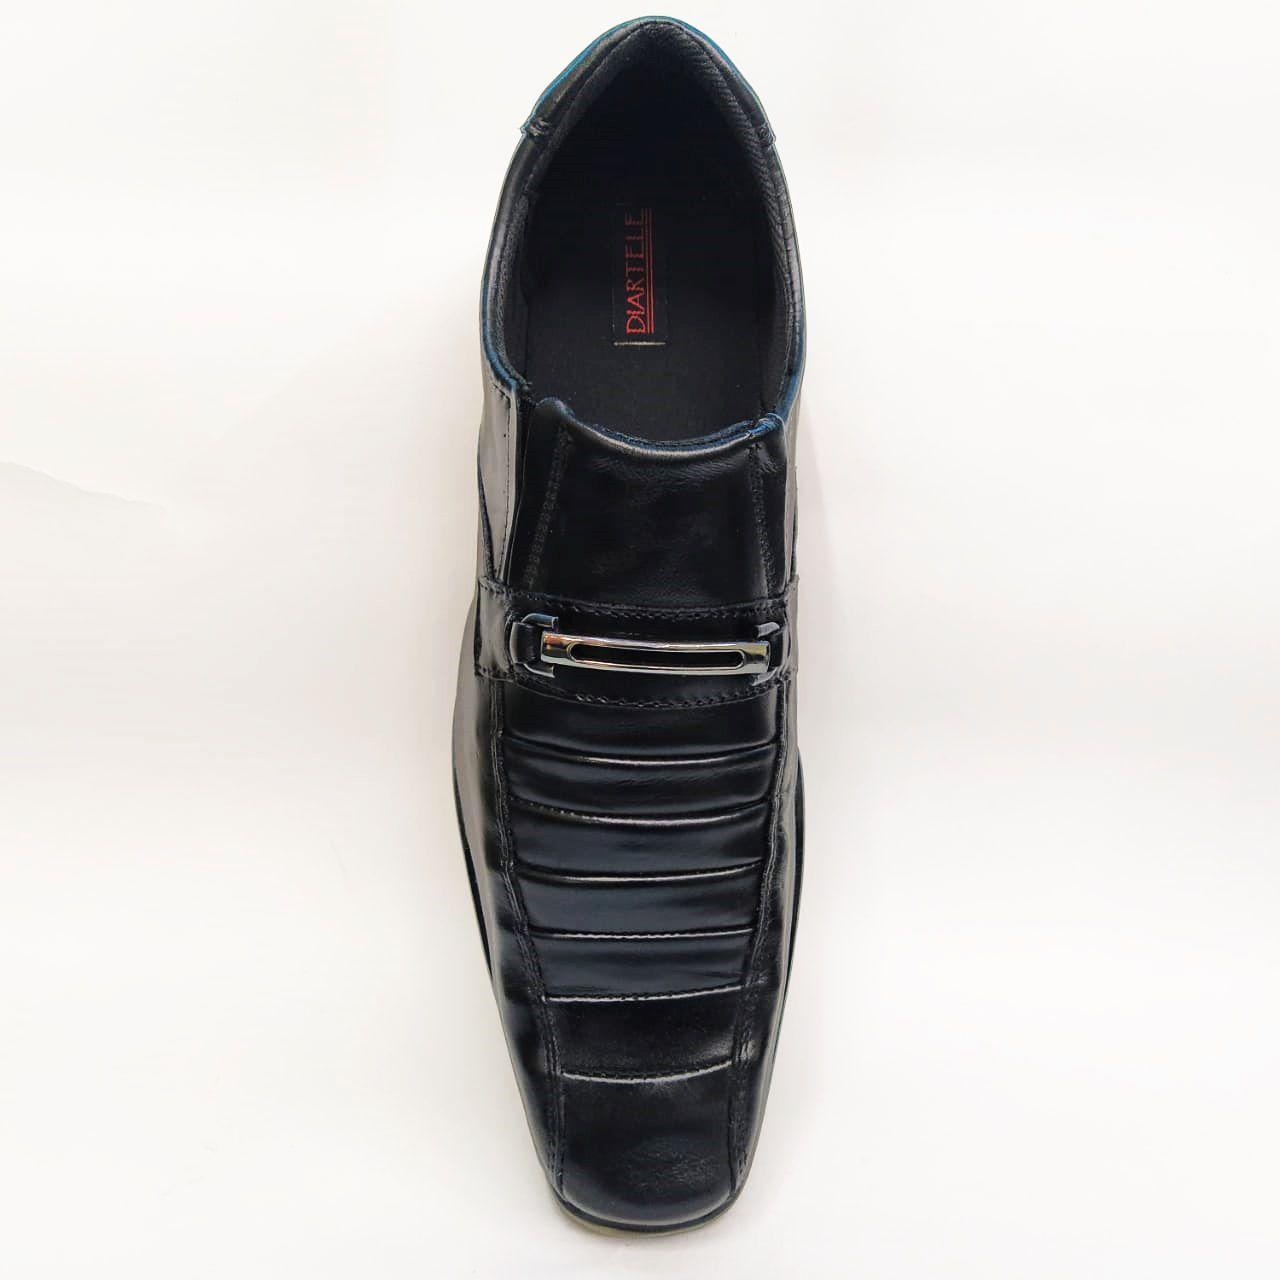 Sapato social em couro Diartele 4055 - Preto